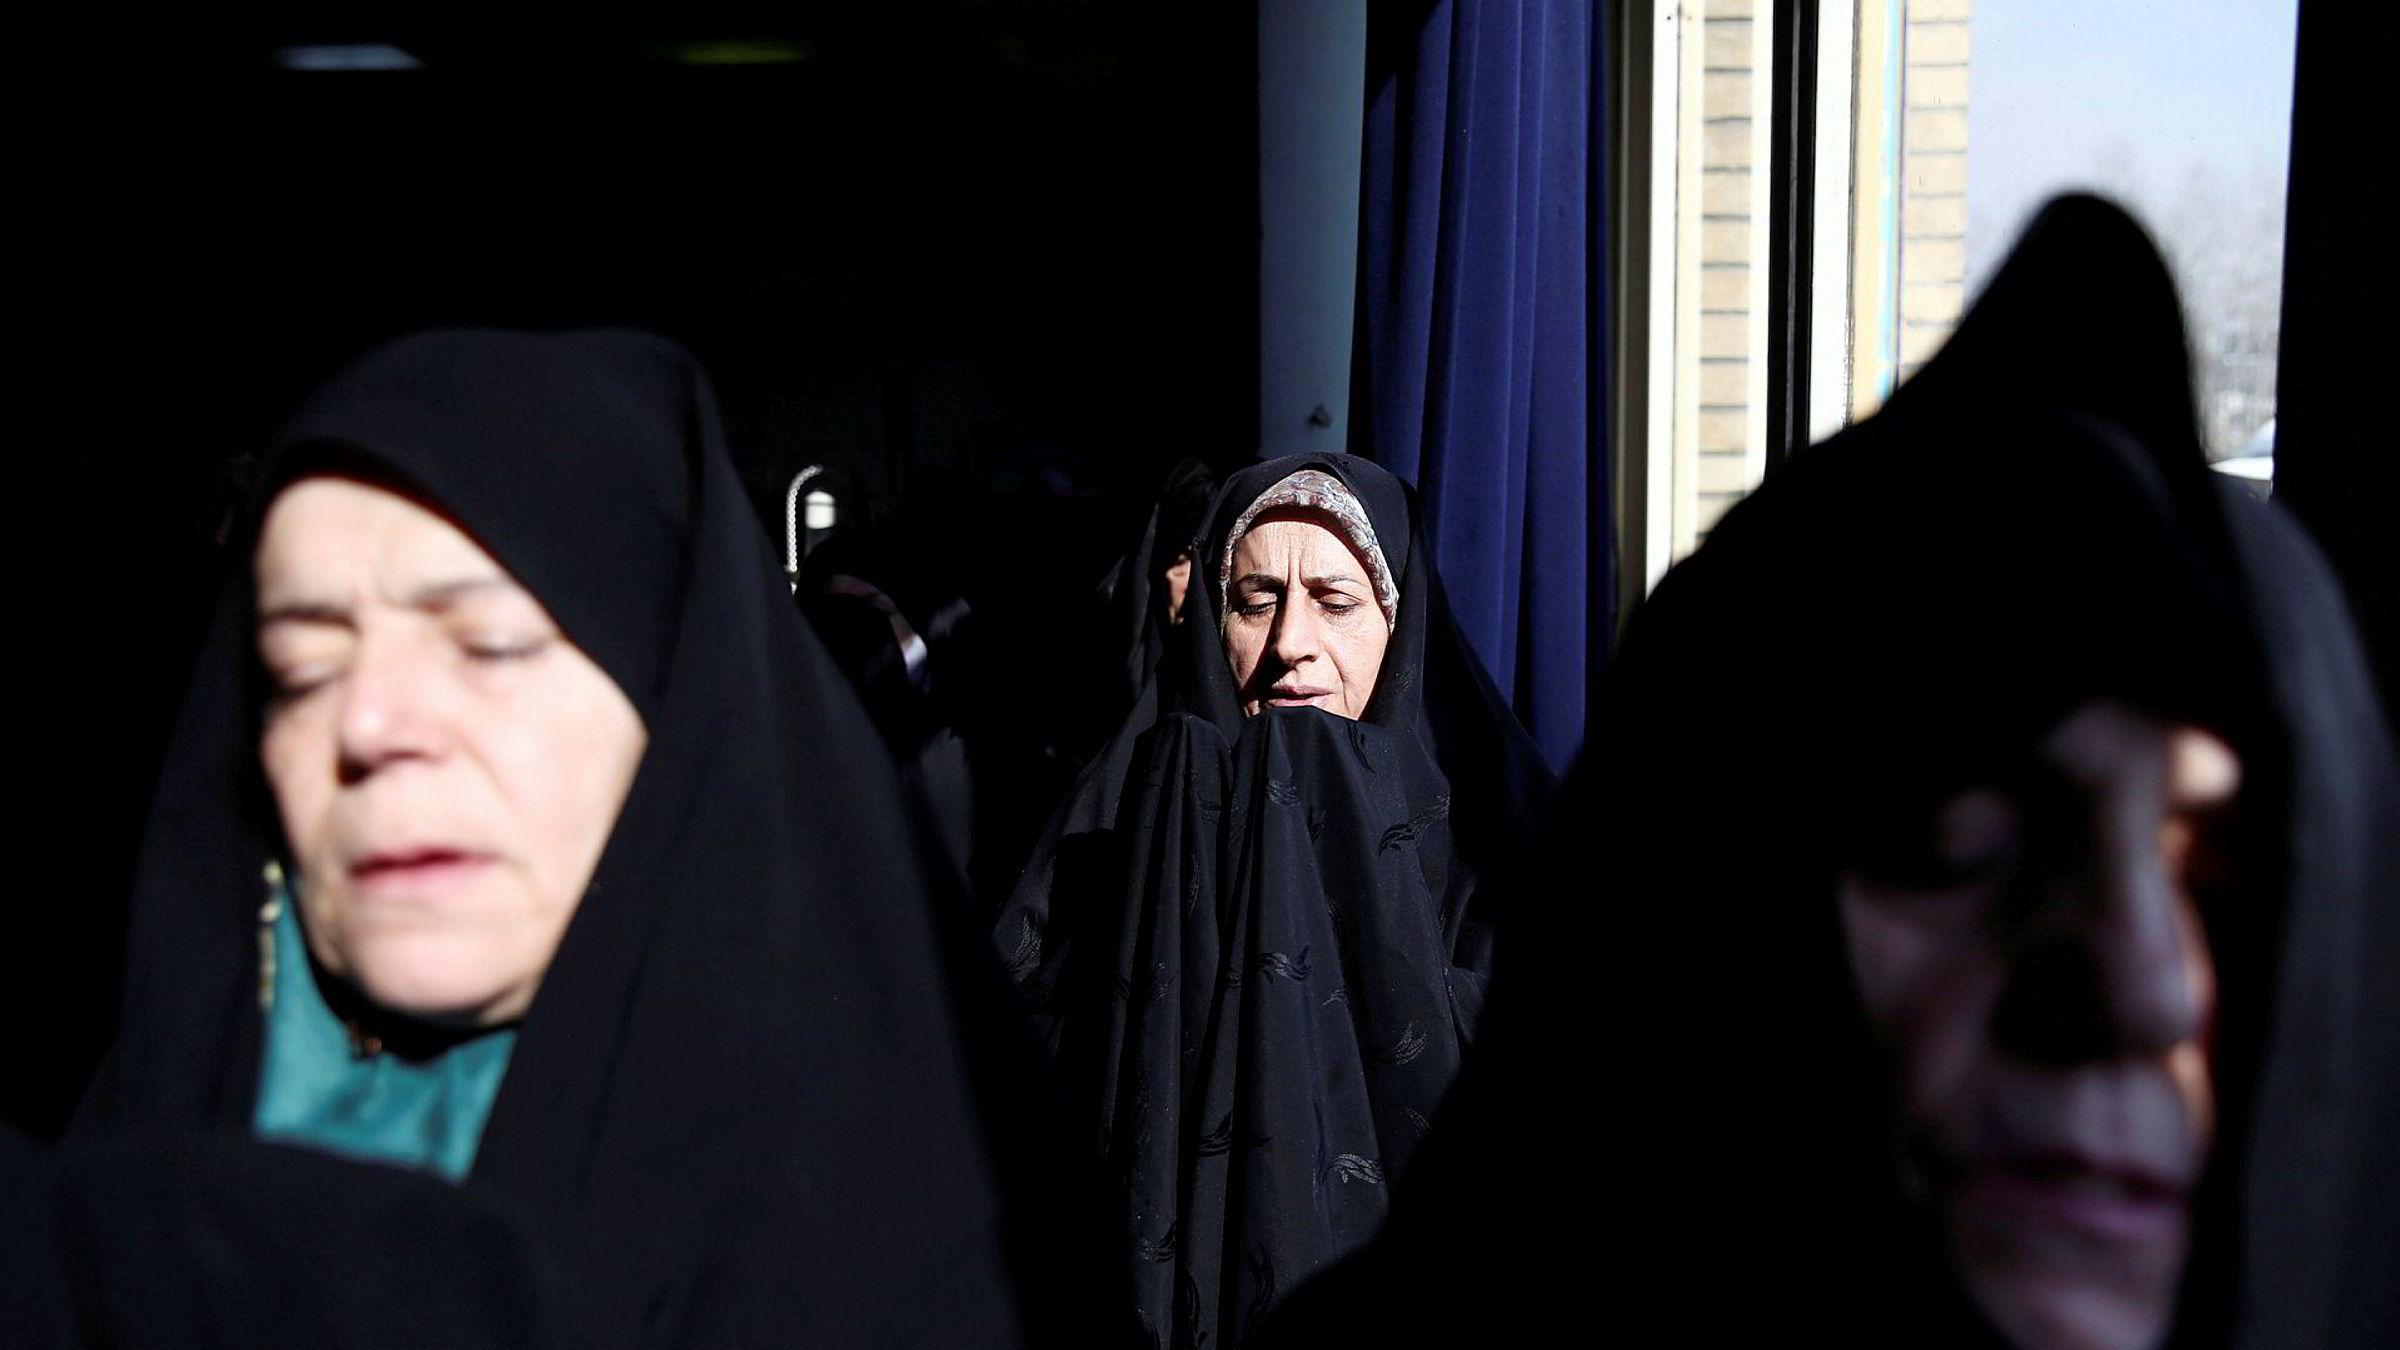 Drapet på den iranske generalen Qasem Soleimani vekker sterke reaksjoner i Iran, der han var både elsket og hatet. Her et bilde fra en fredagsbønn samme dag som likvideringen ble kjent.